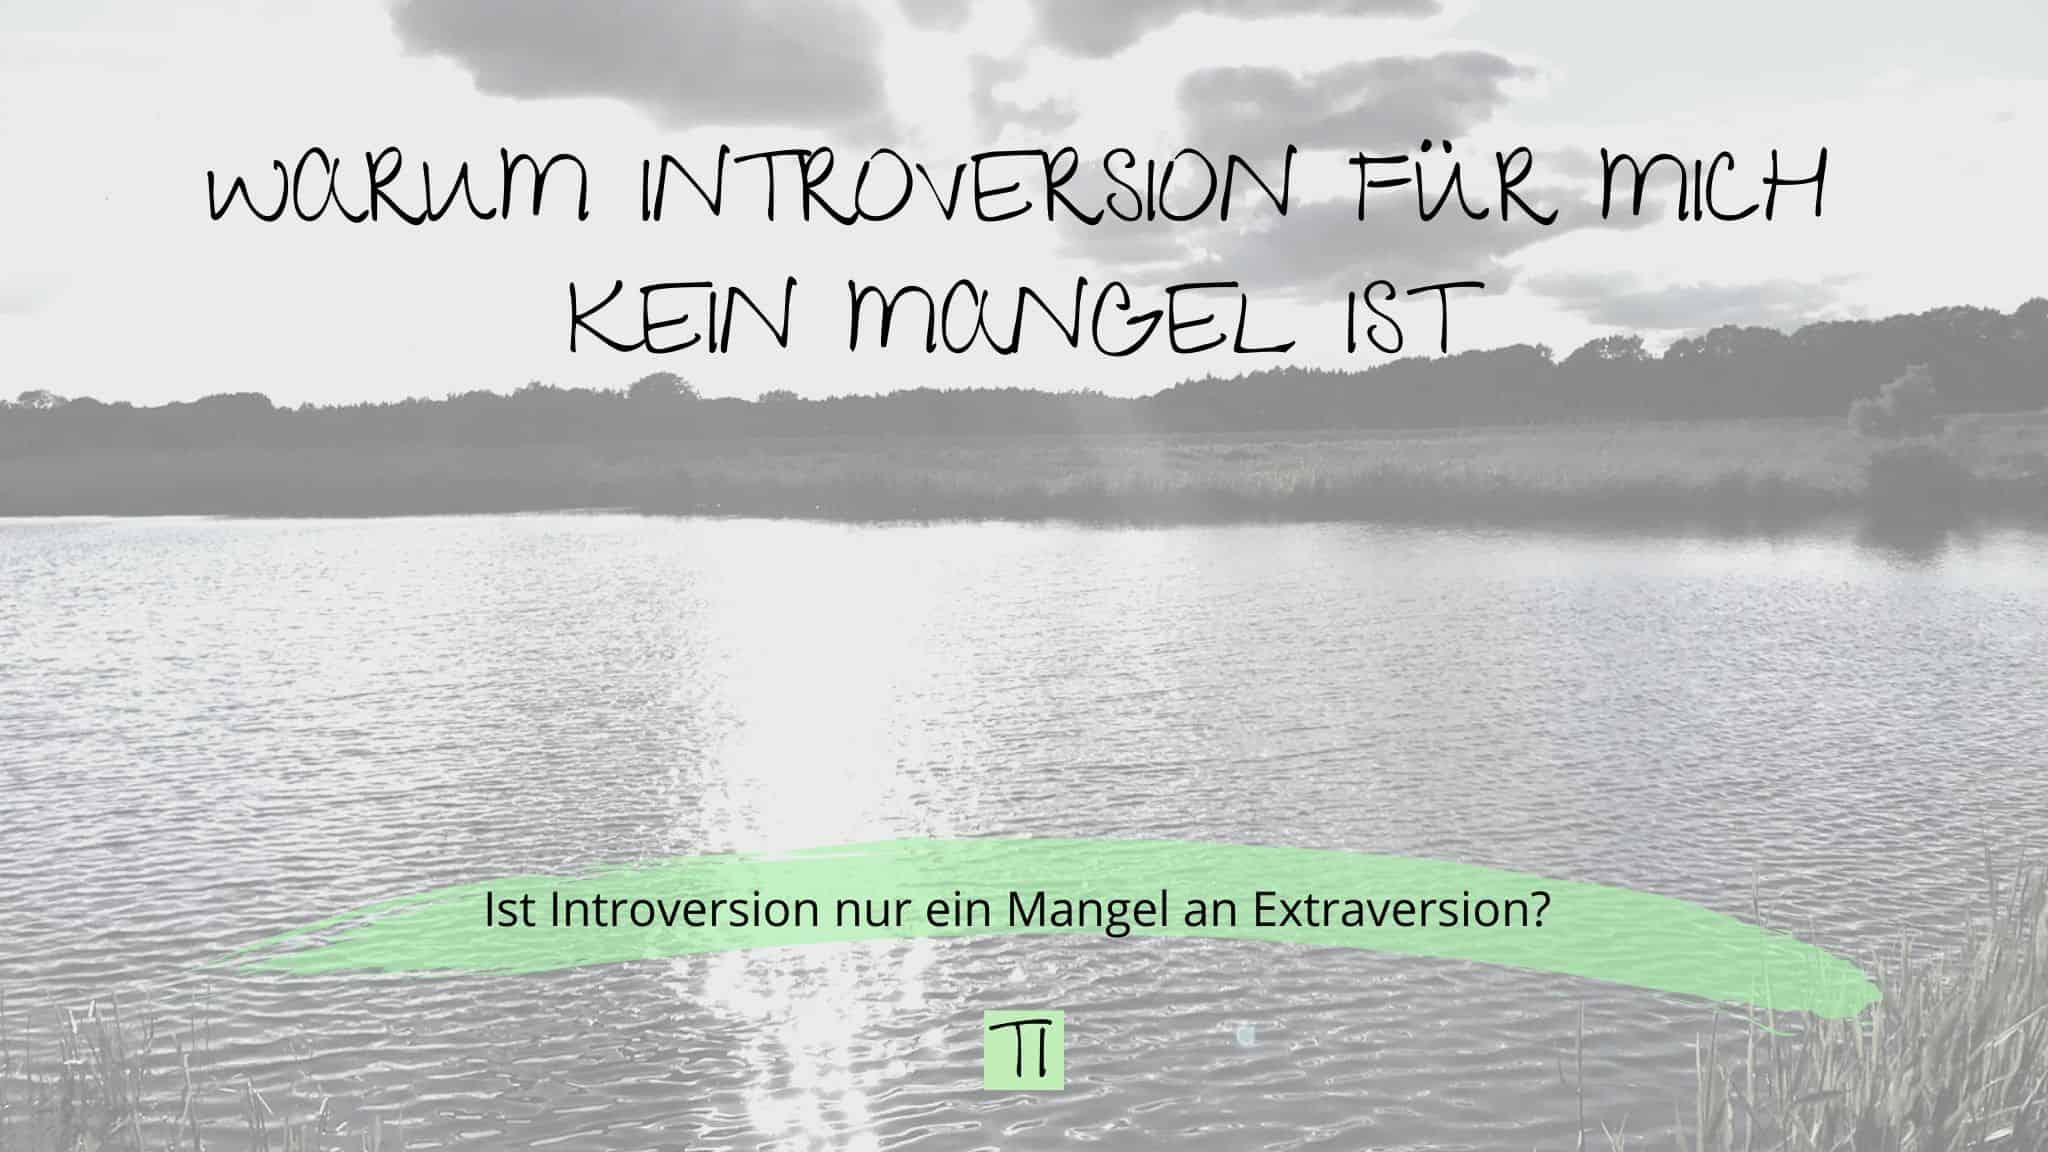 Titel: Warum Introversion für mich kein Mangel ist | Team Introvertiert